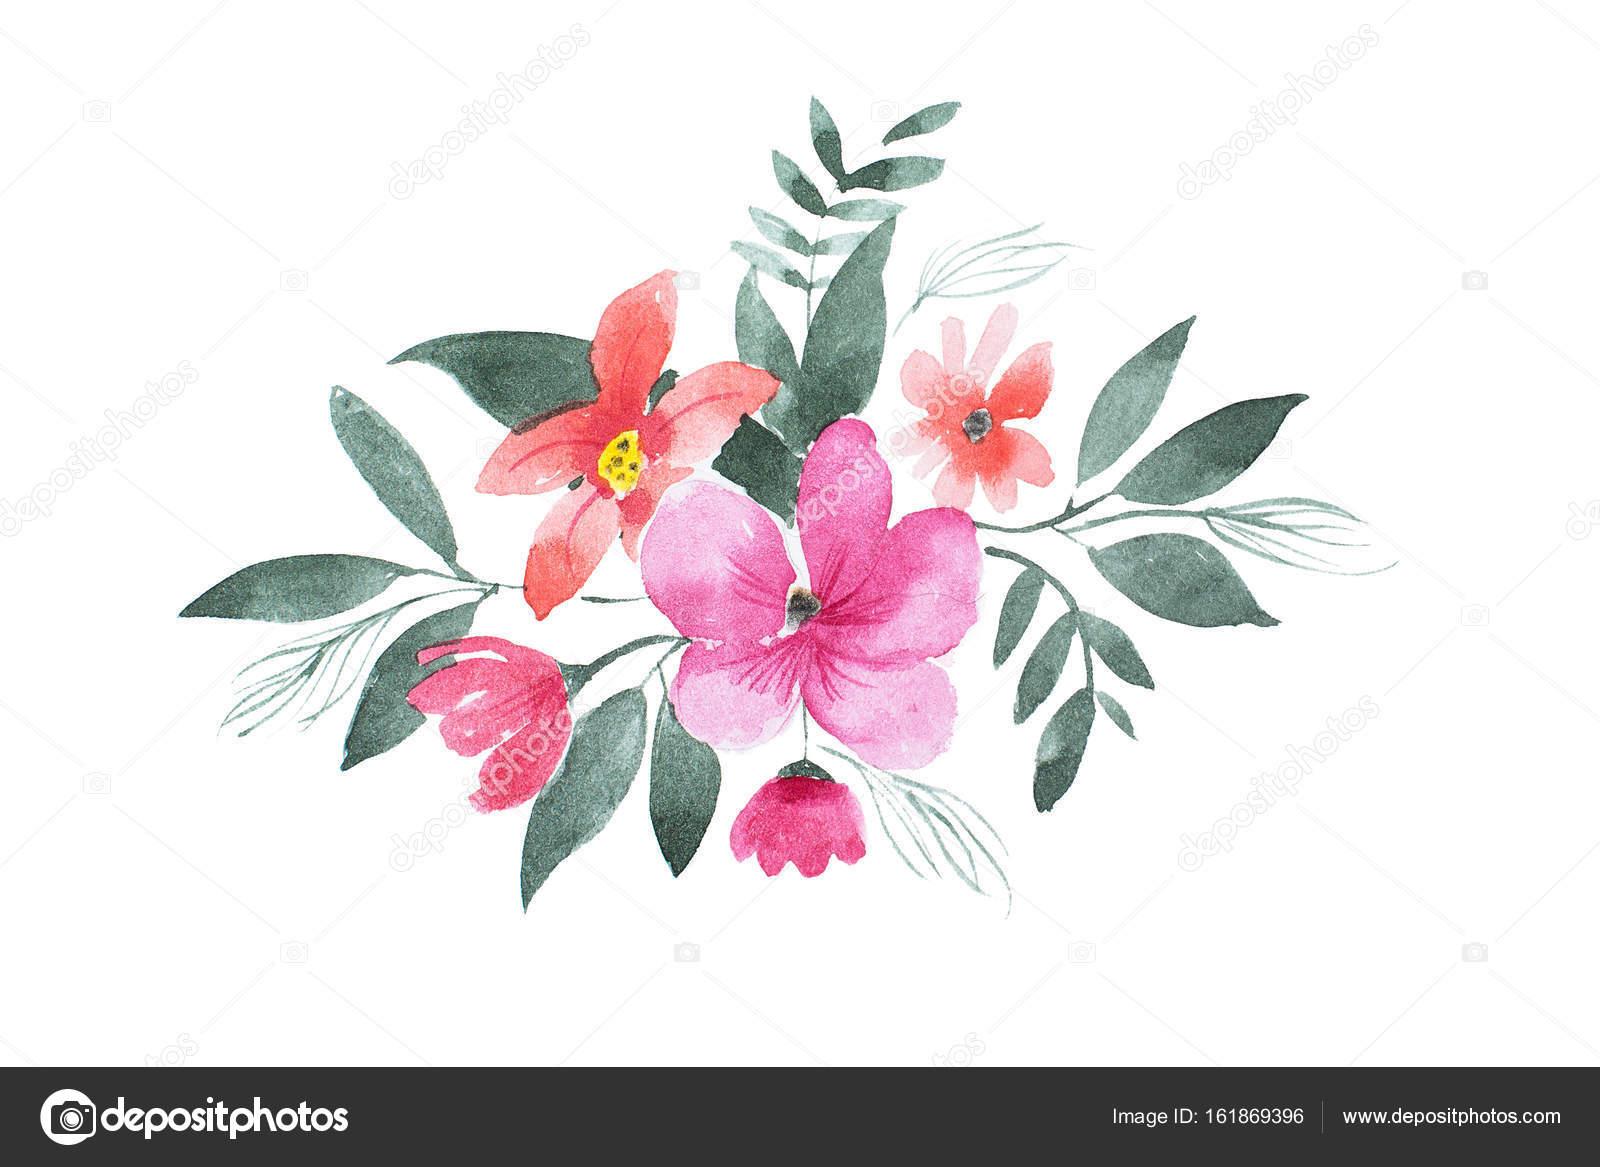 Hoja Coloreada De La Flor Acuarela Dibujo De Composición Floral